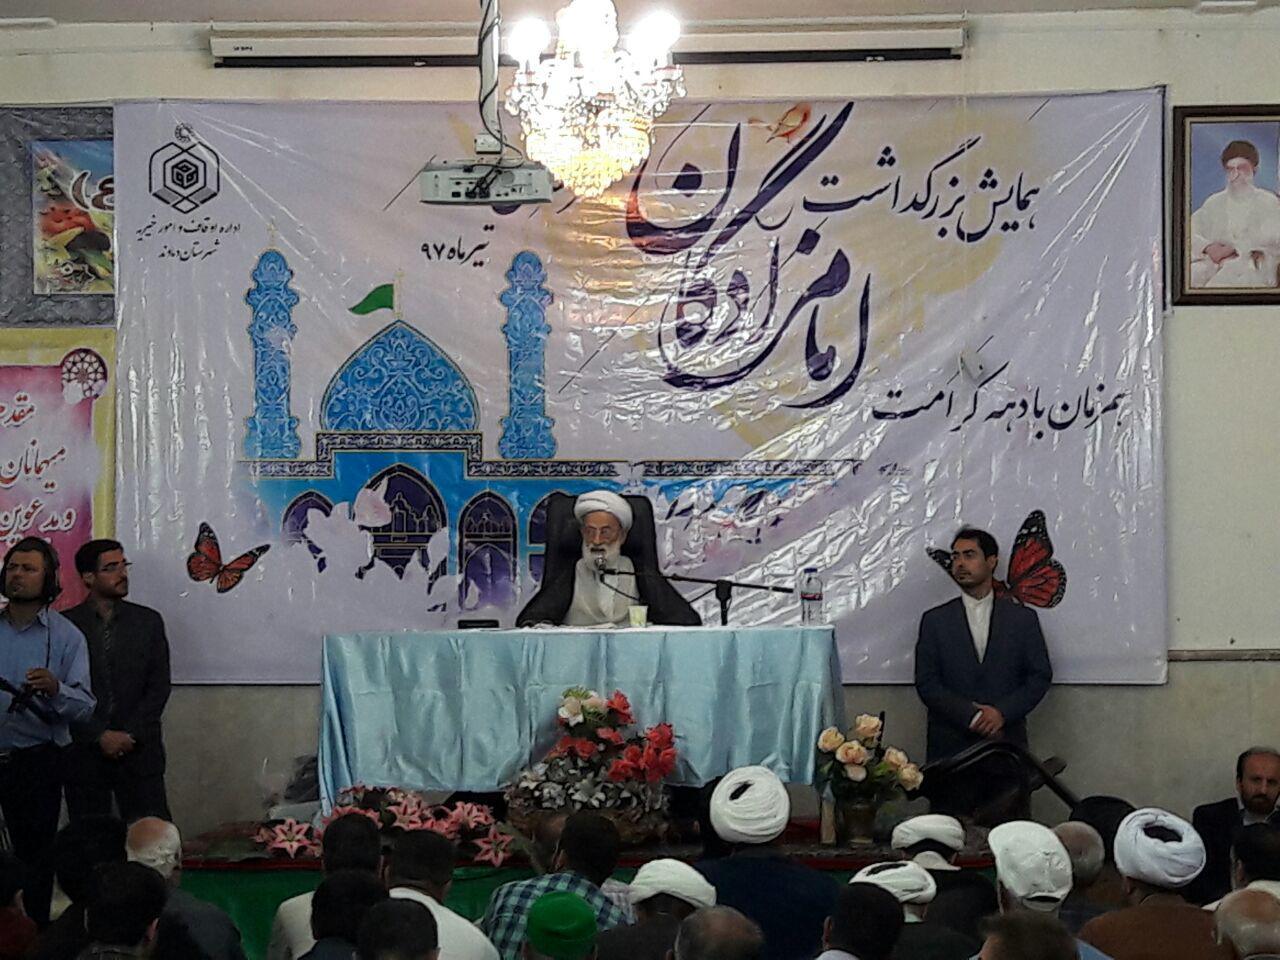 تصویر از همزمان با ایام دهه کرامت صورت گرفت؛  برگزاری همایش تکریم و بزرگداشت امامزادگان در امامزاده هاشم( ع) دماوند